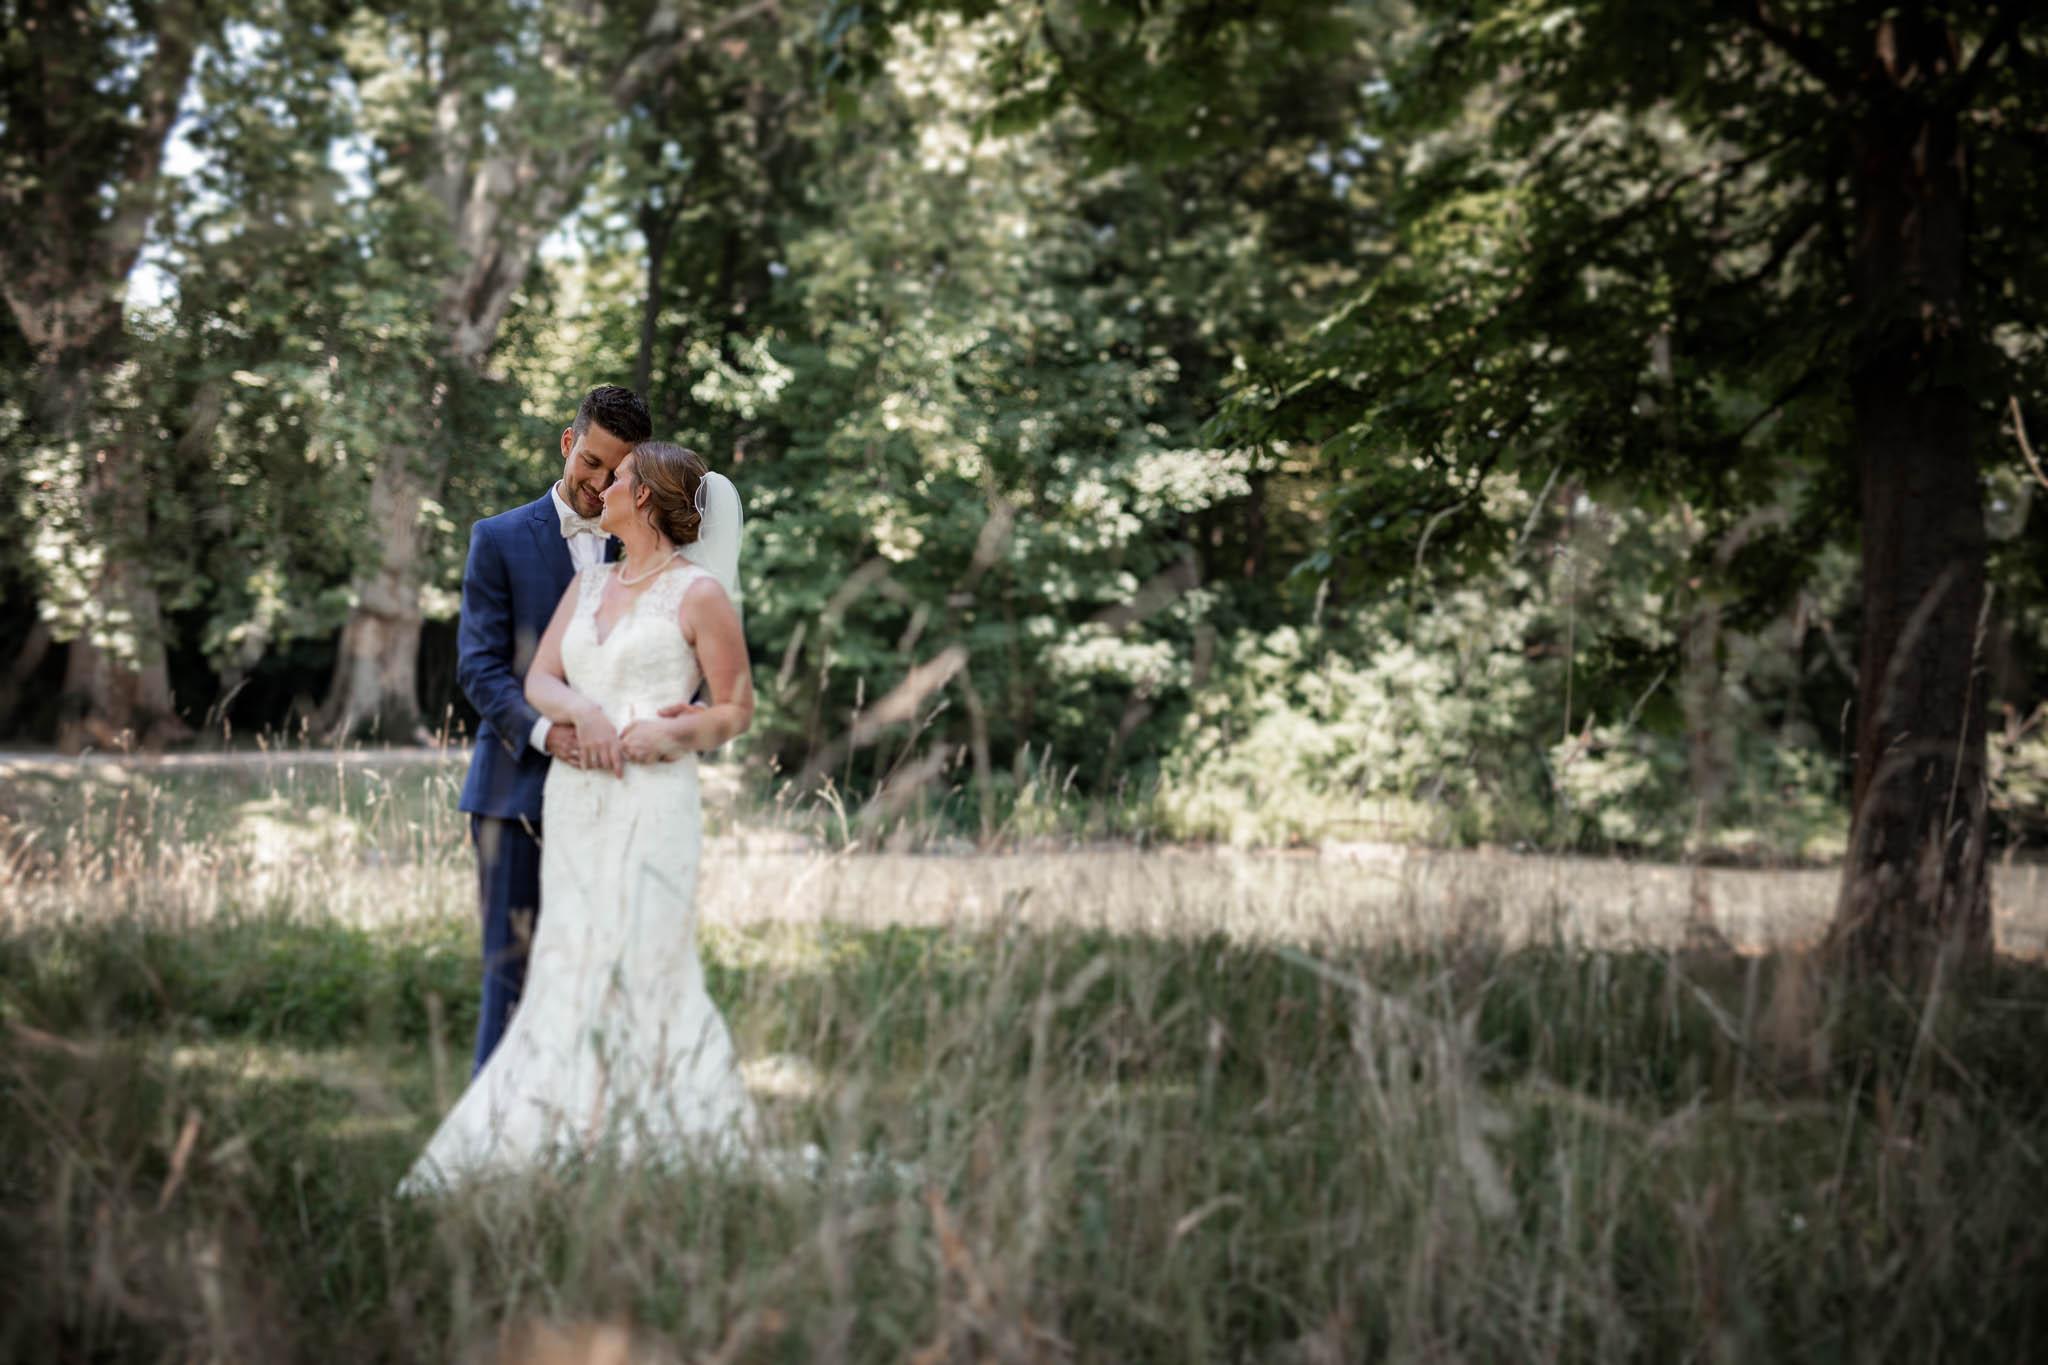 Hochzeitsfotograf Gundheim 22